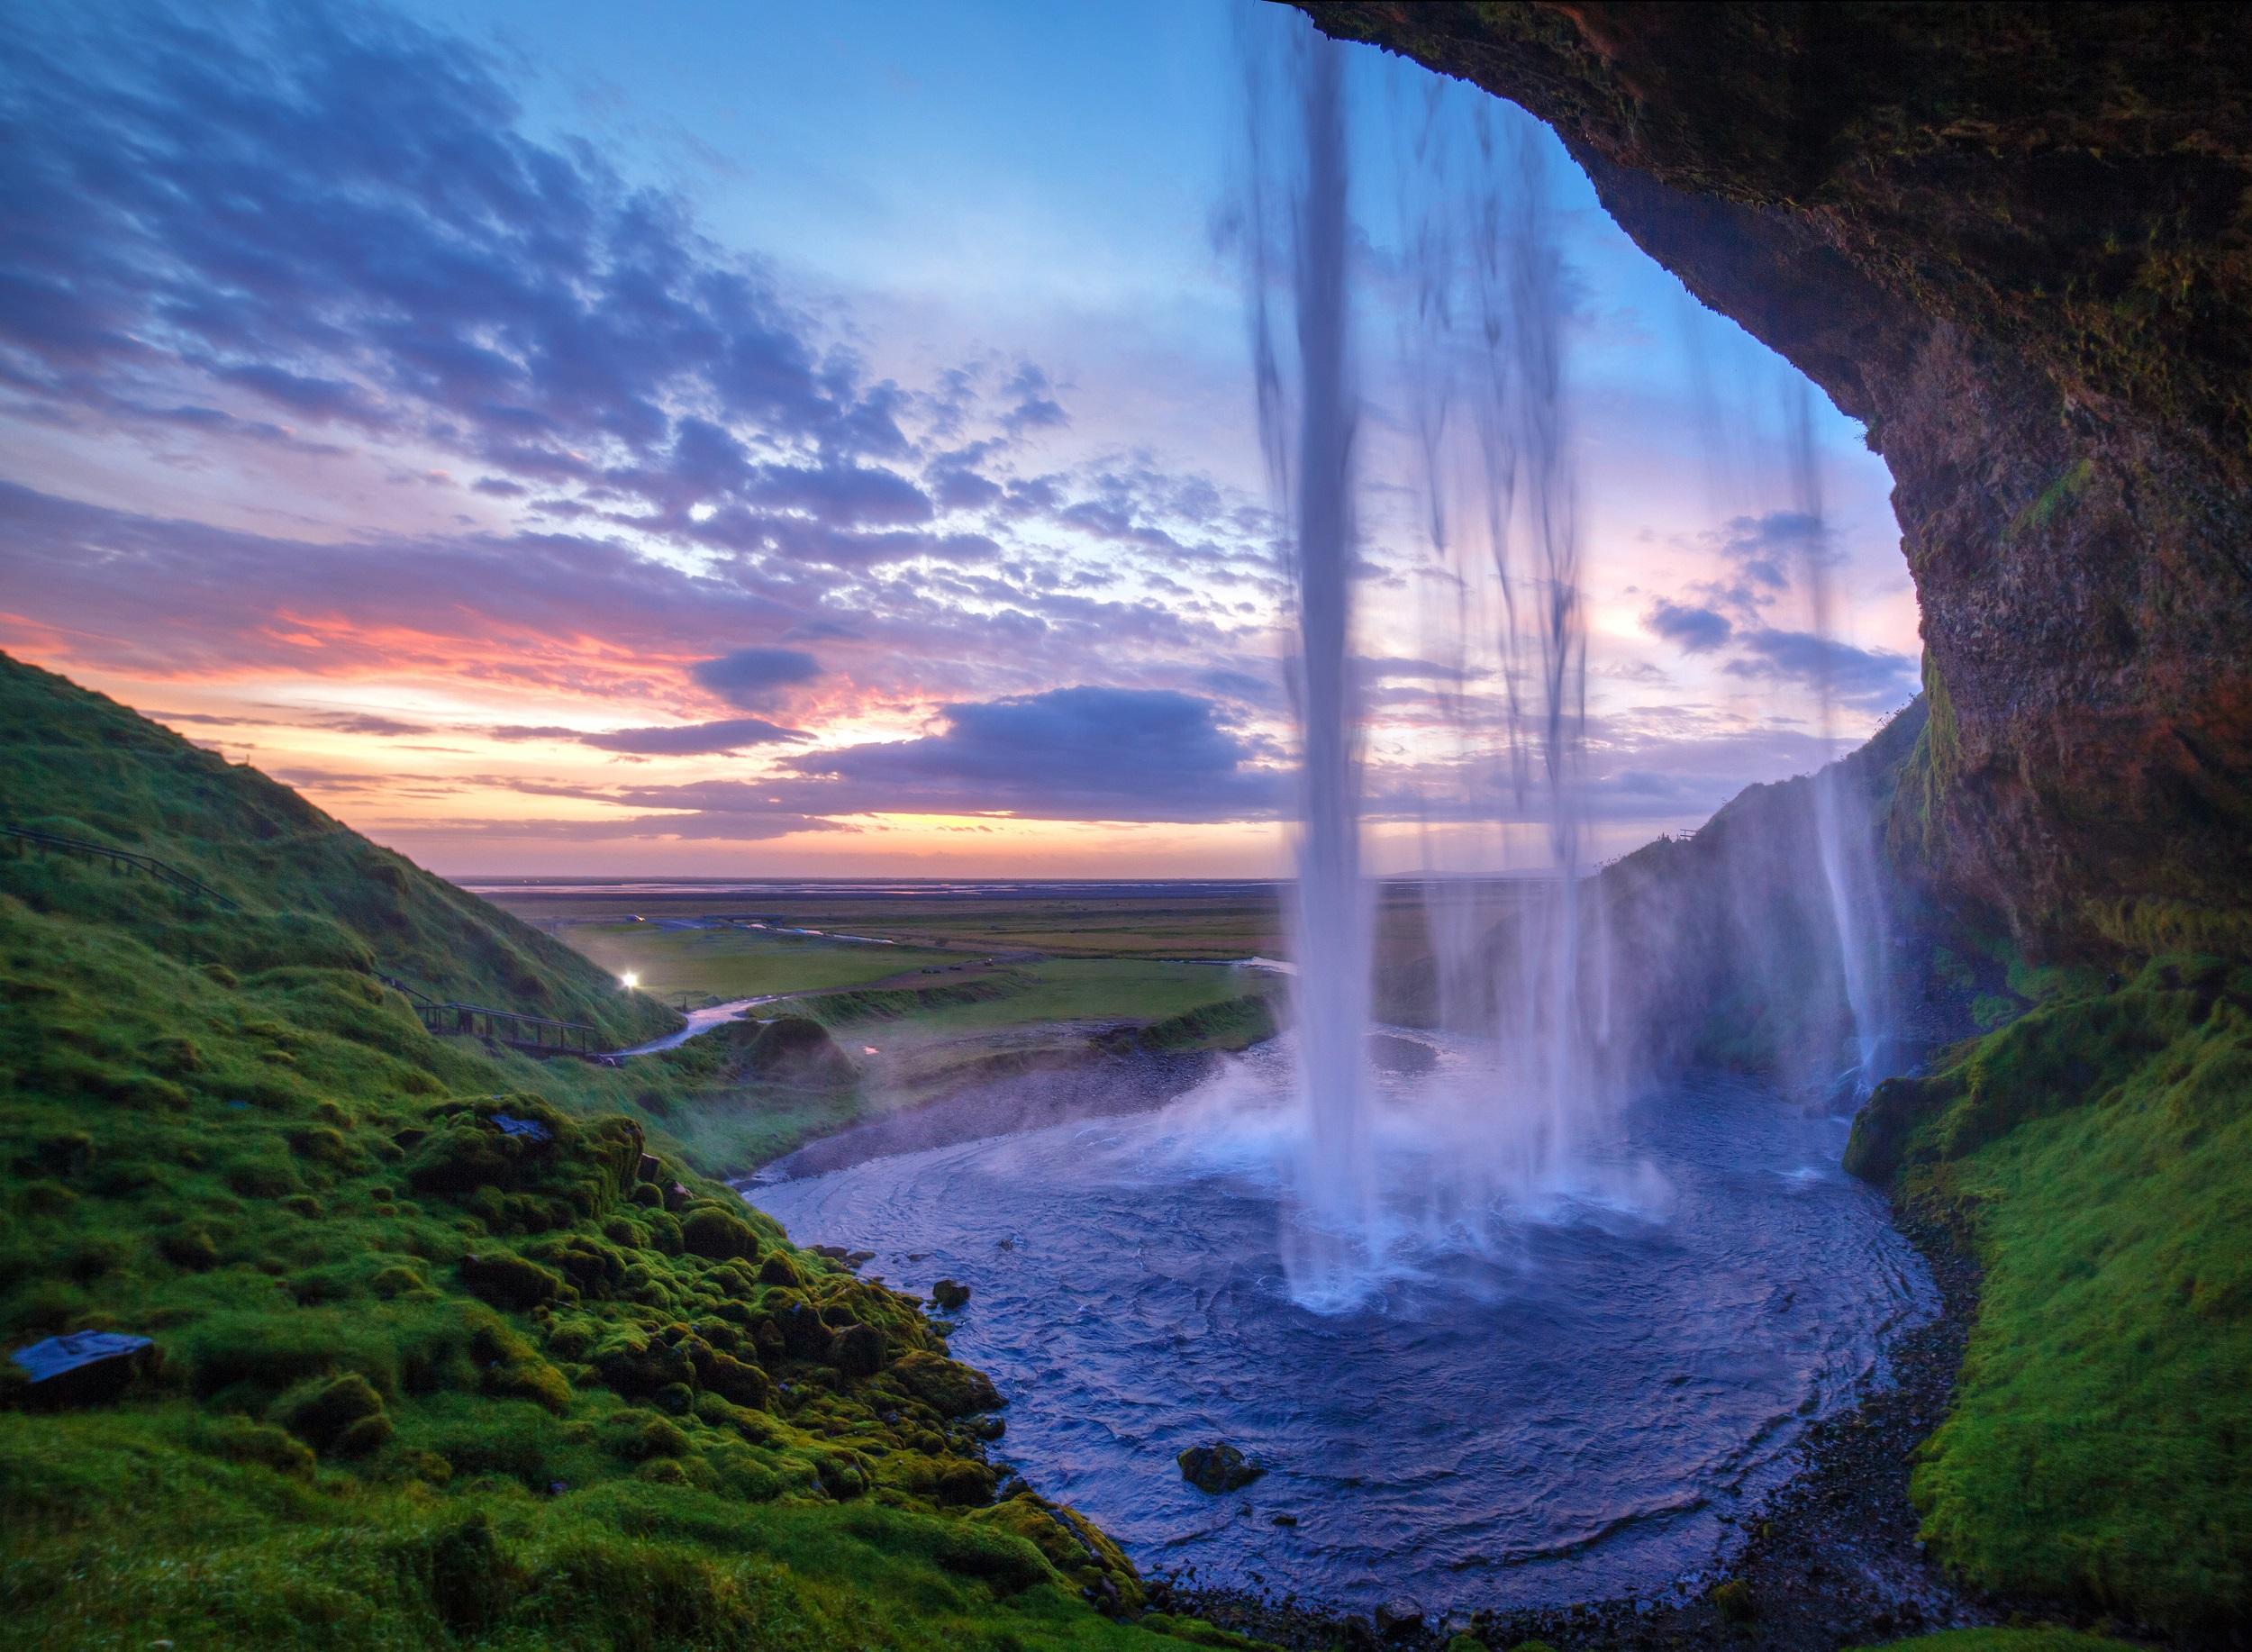 Odwiedzając wodospad Seljalandsfoss koniecznie obejdź go dookoła.